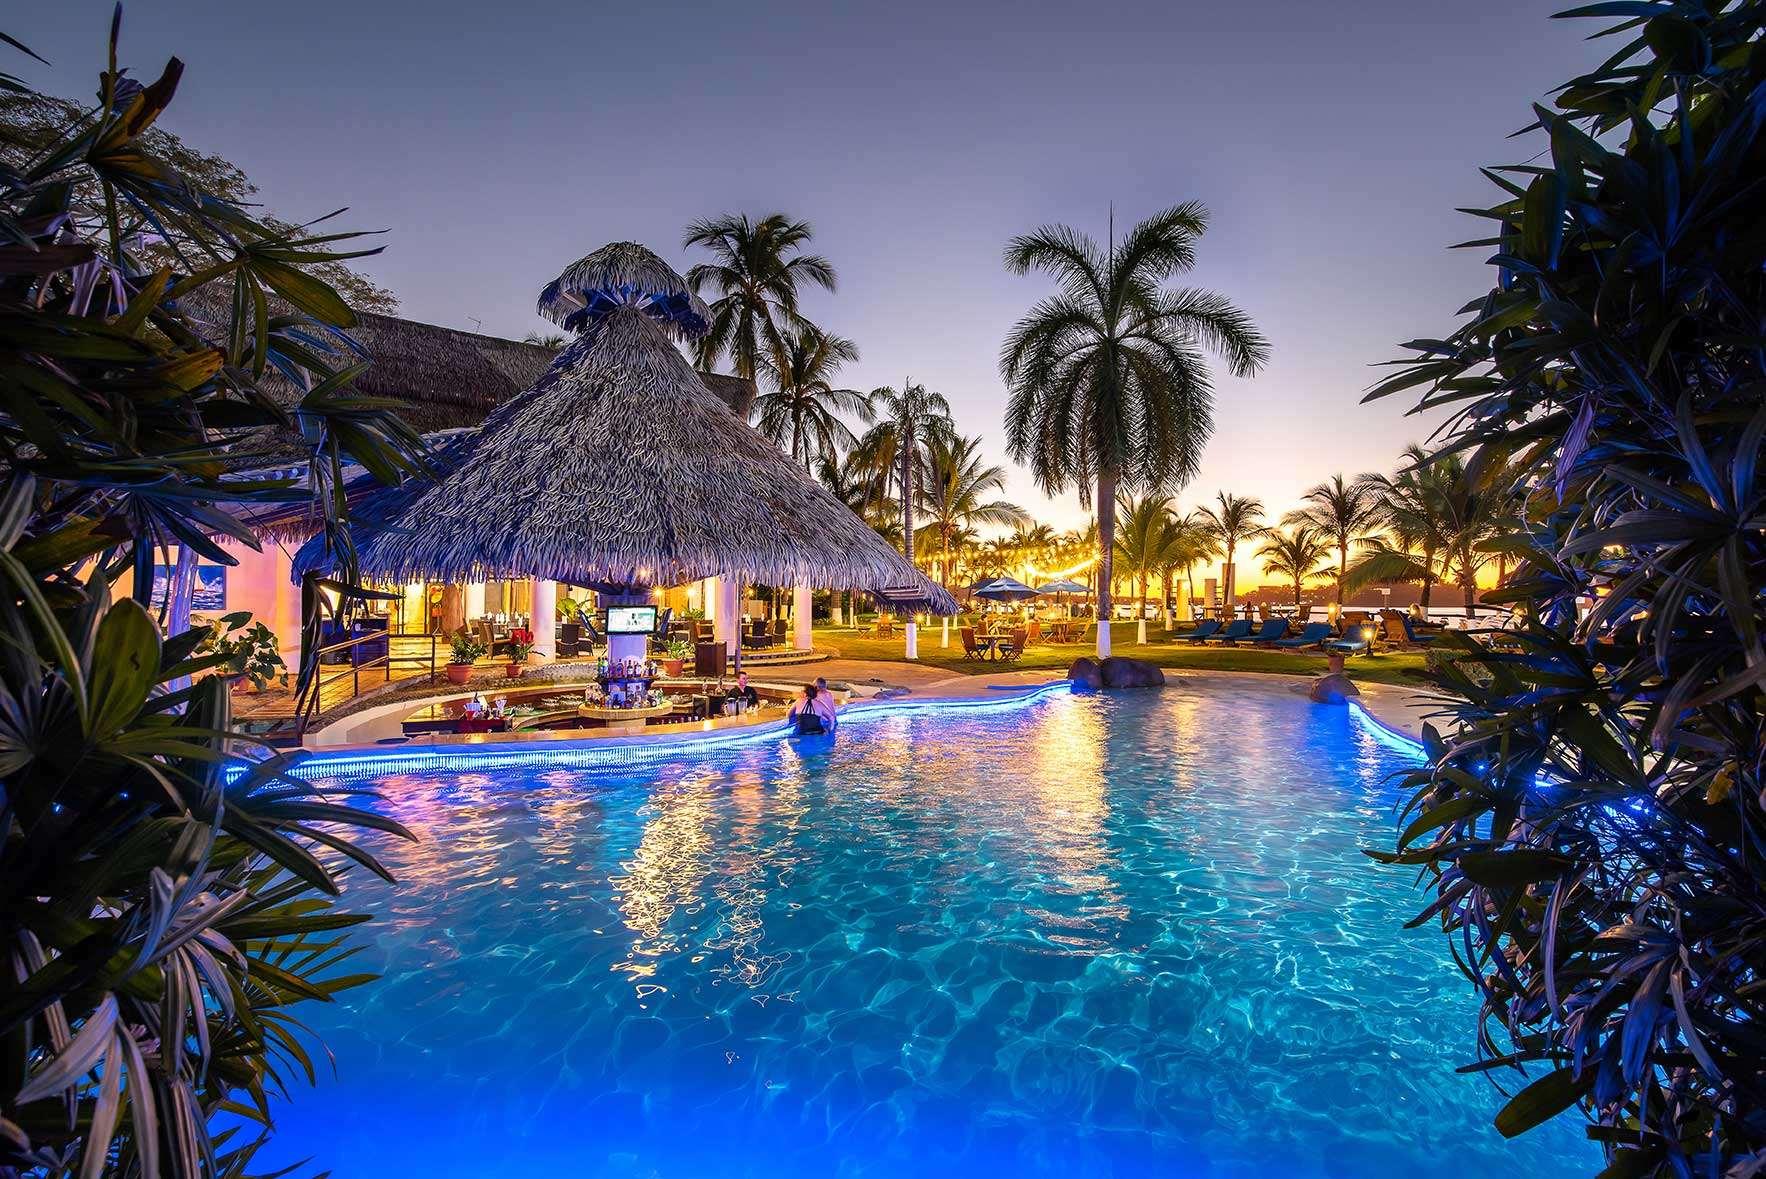 Bahía del Sol- Beachfront Boutique Hotel in Playa Potrero